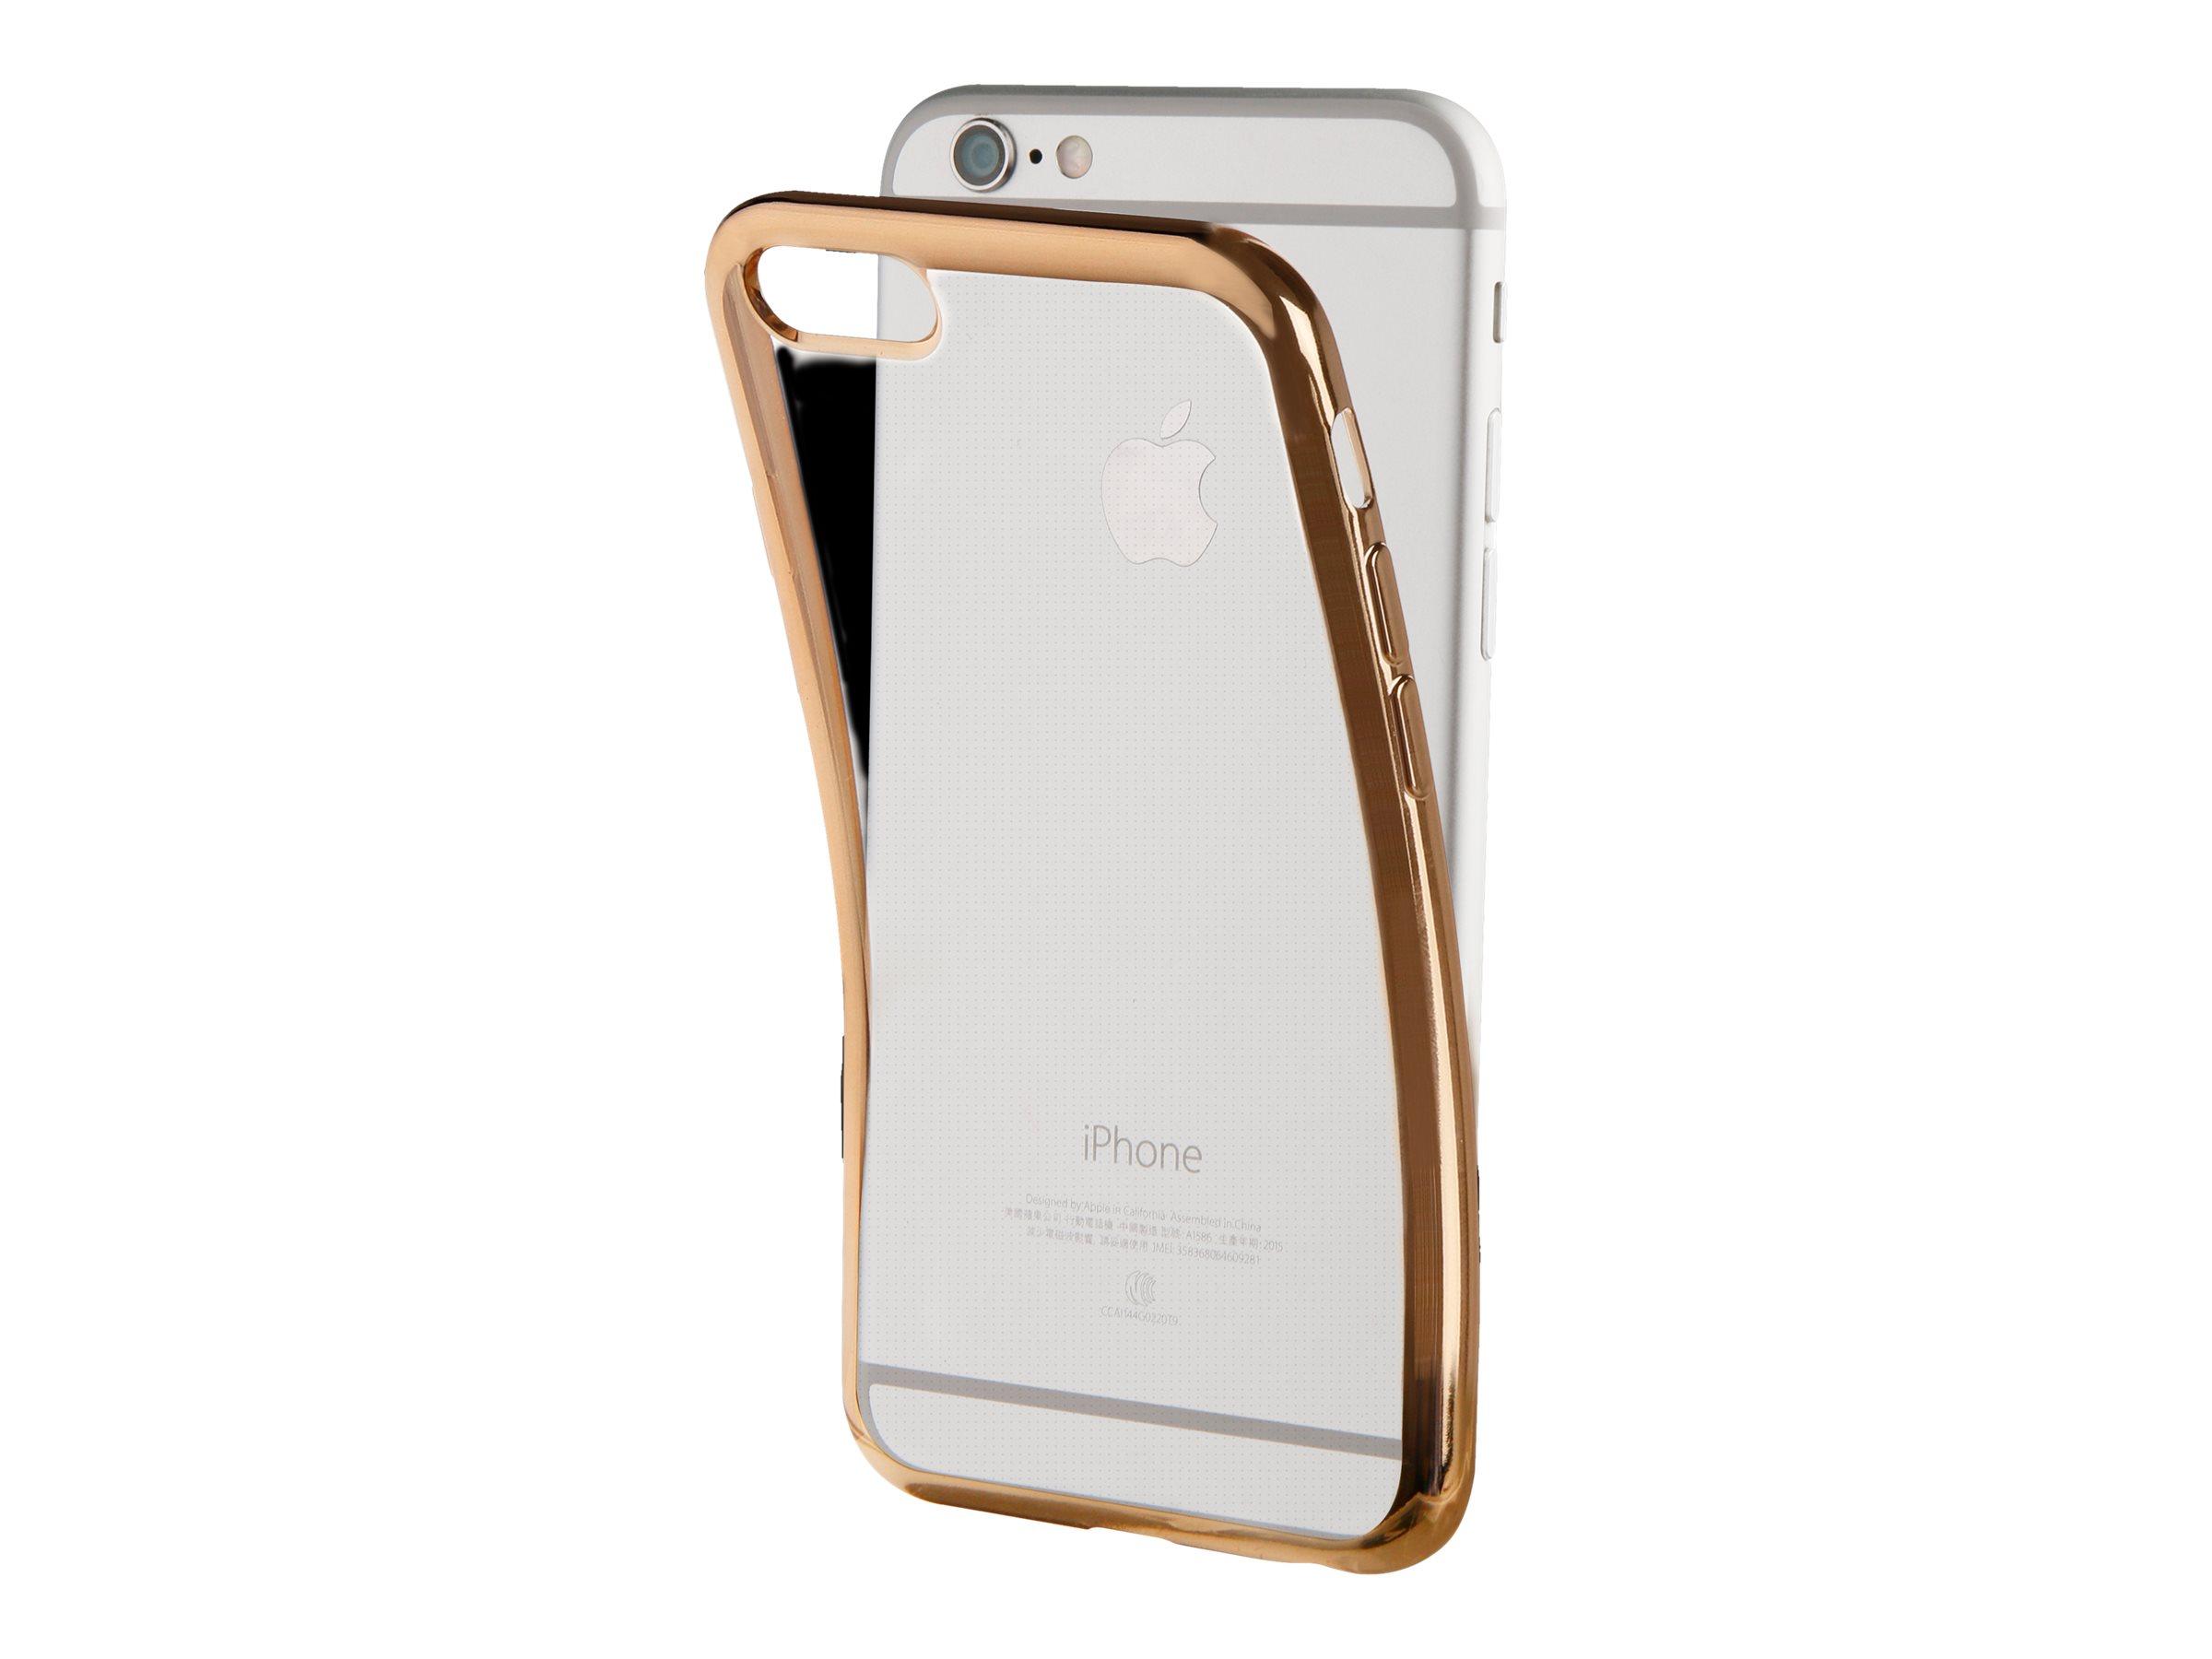 MUVIT LIFE - Coque de protection pour iPhone 7 Plus - transparent - or